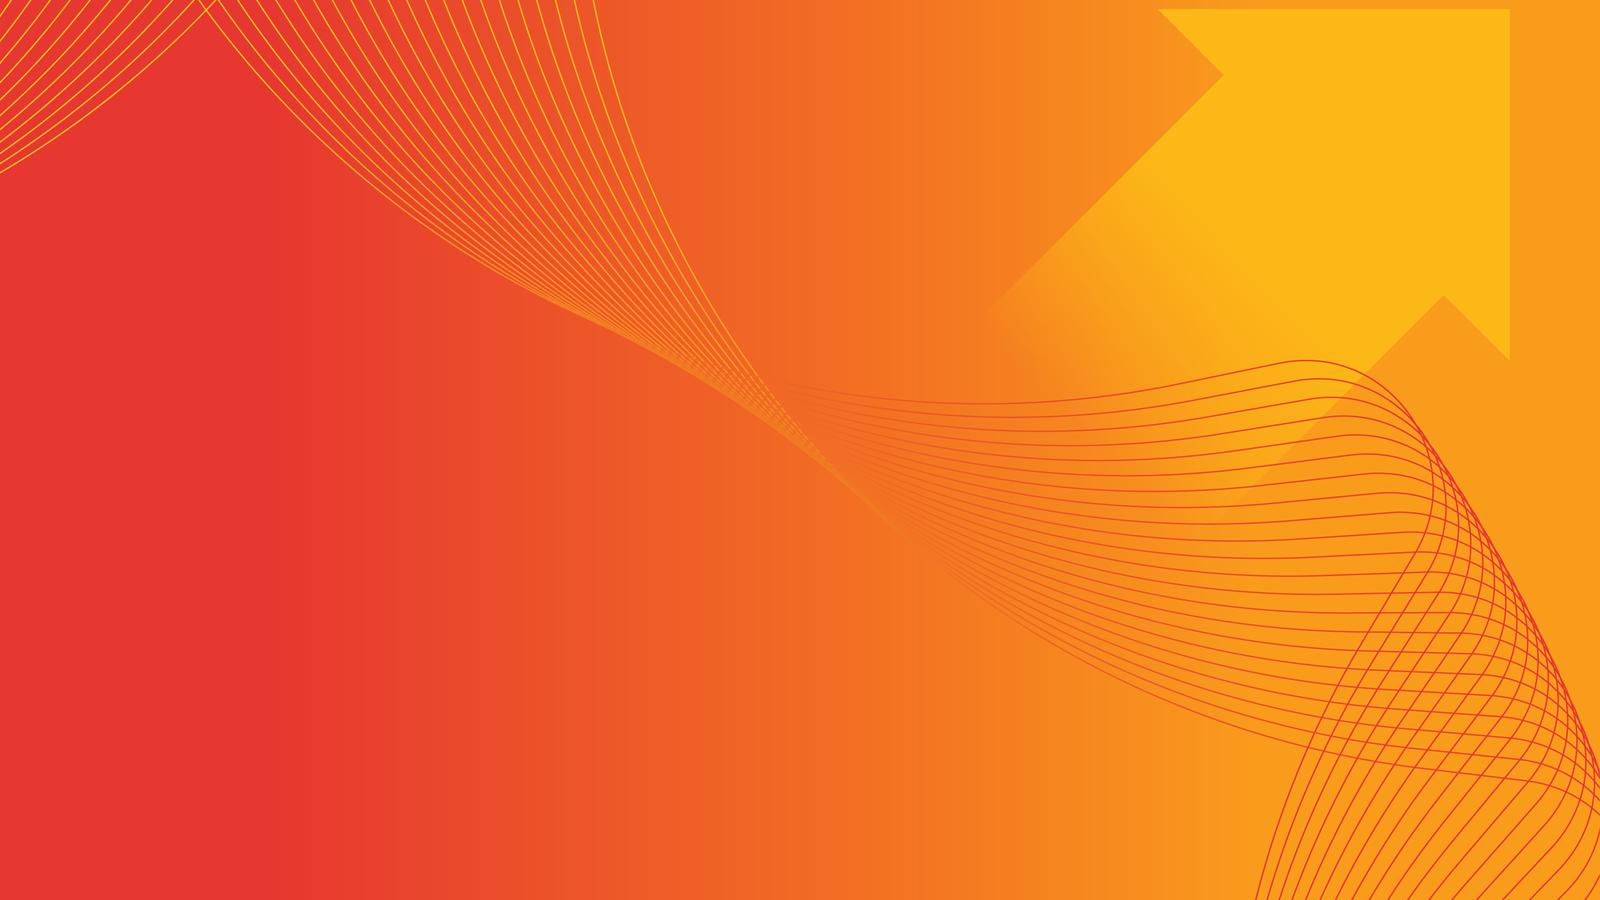 HMC and Caltech Logos